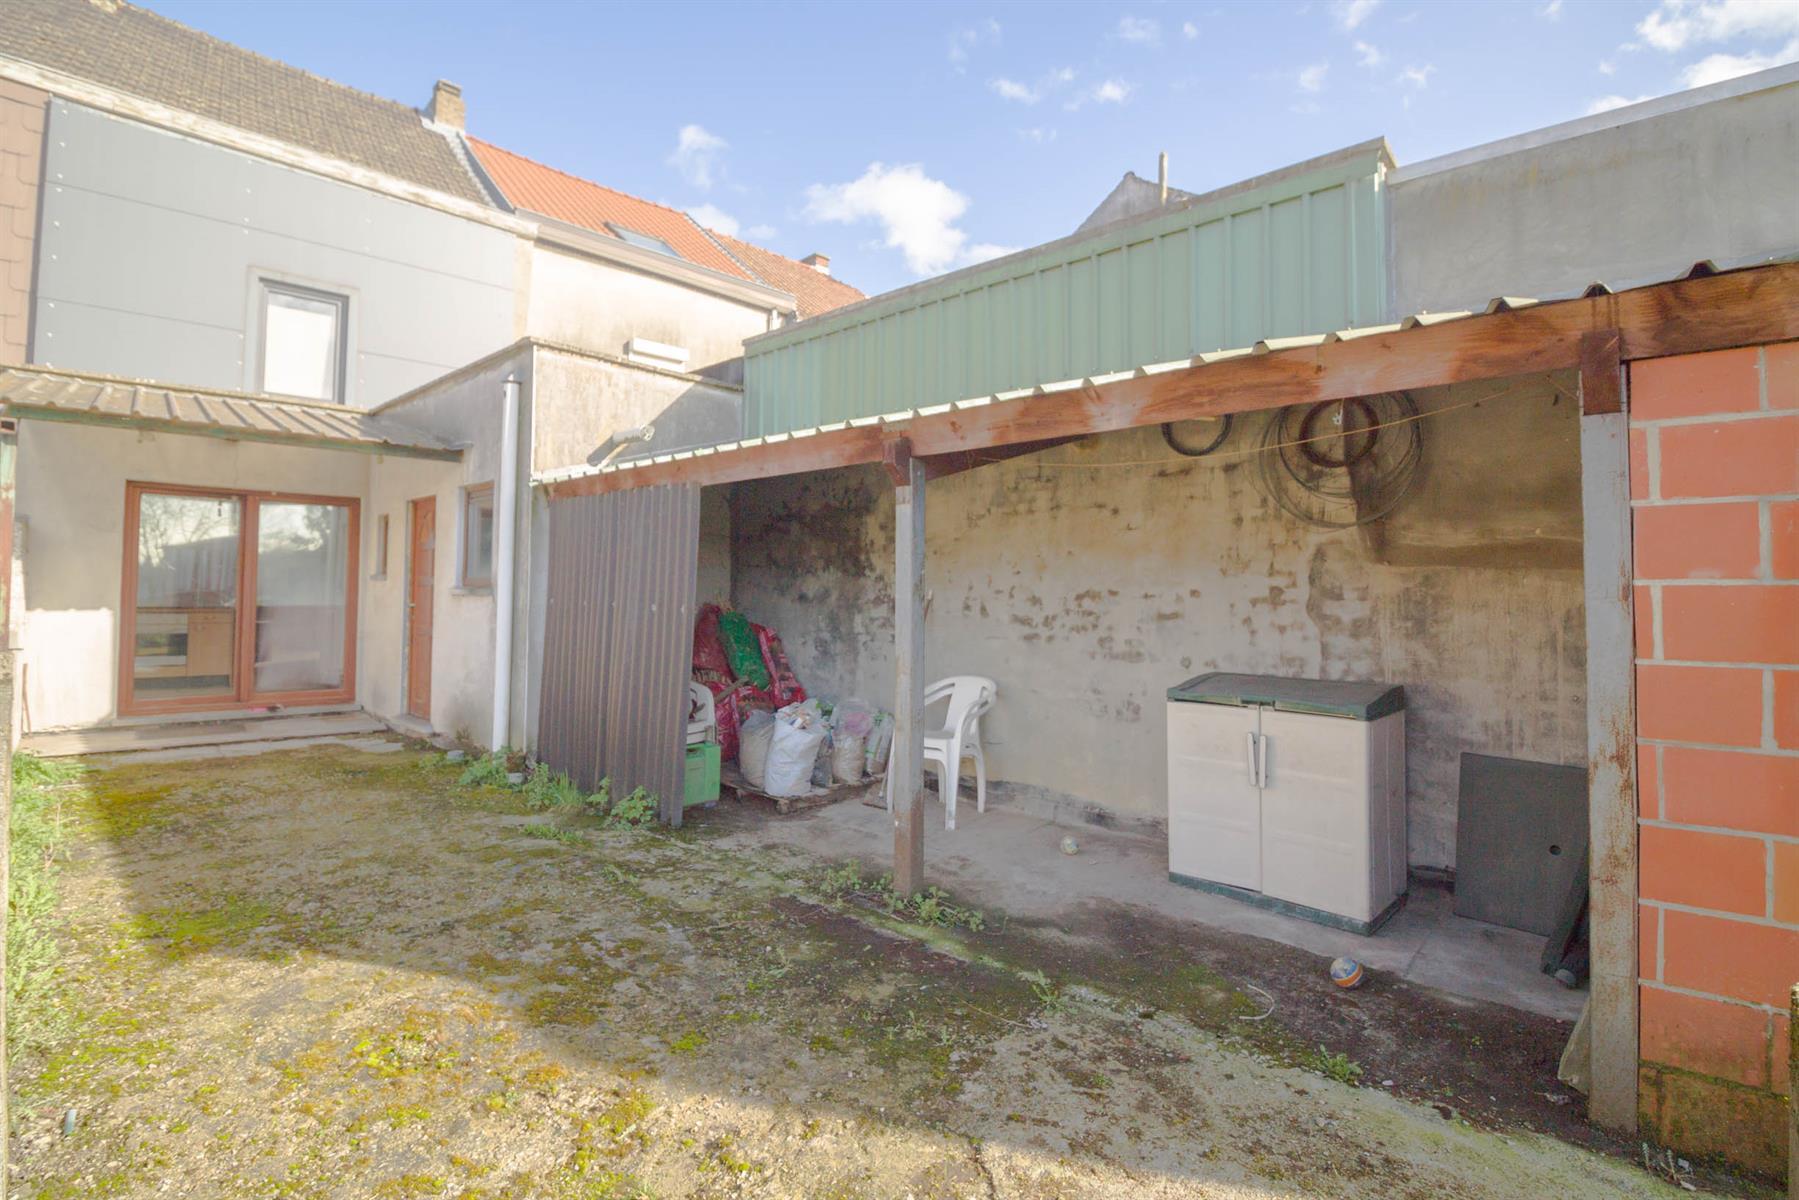 Maison - Jumet - #4002117-22